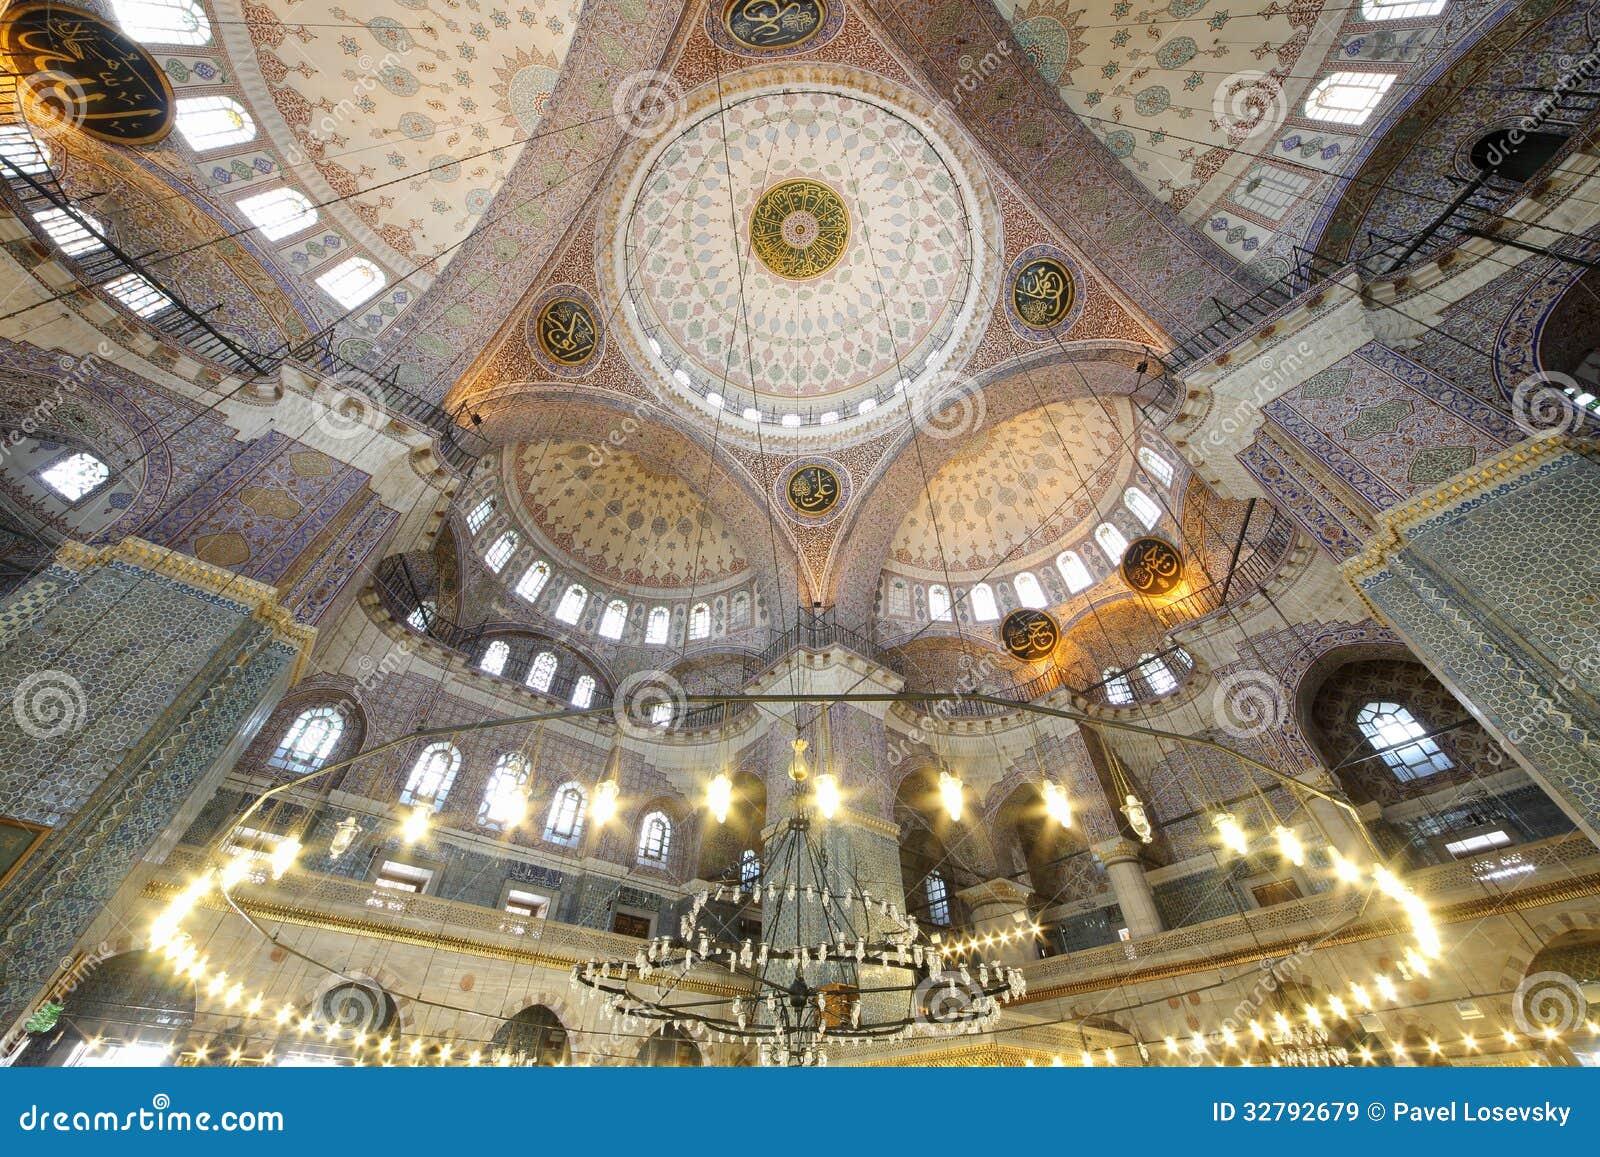 Uroczysta, piękna kopuła w starym Nowym meczecie, (Yeni Cami)